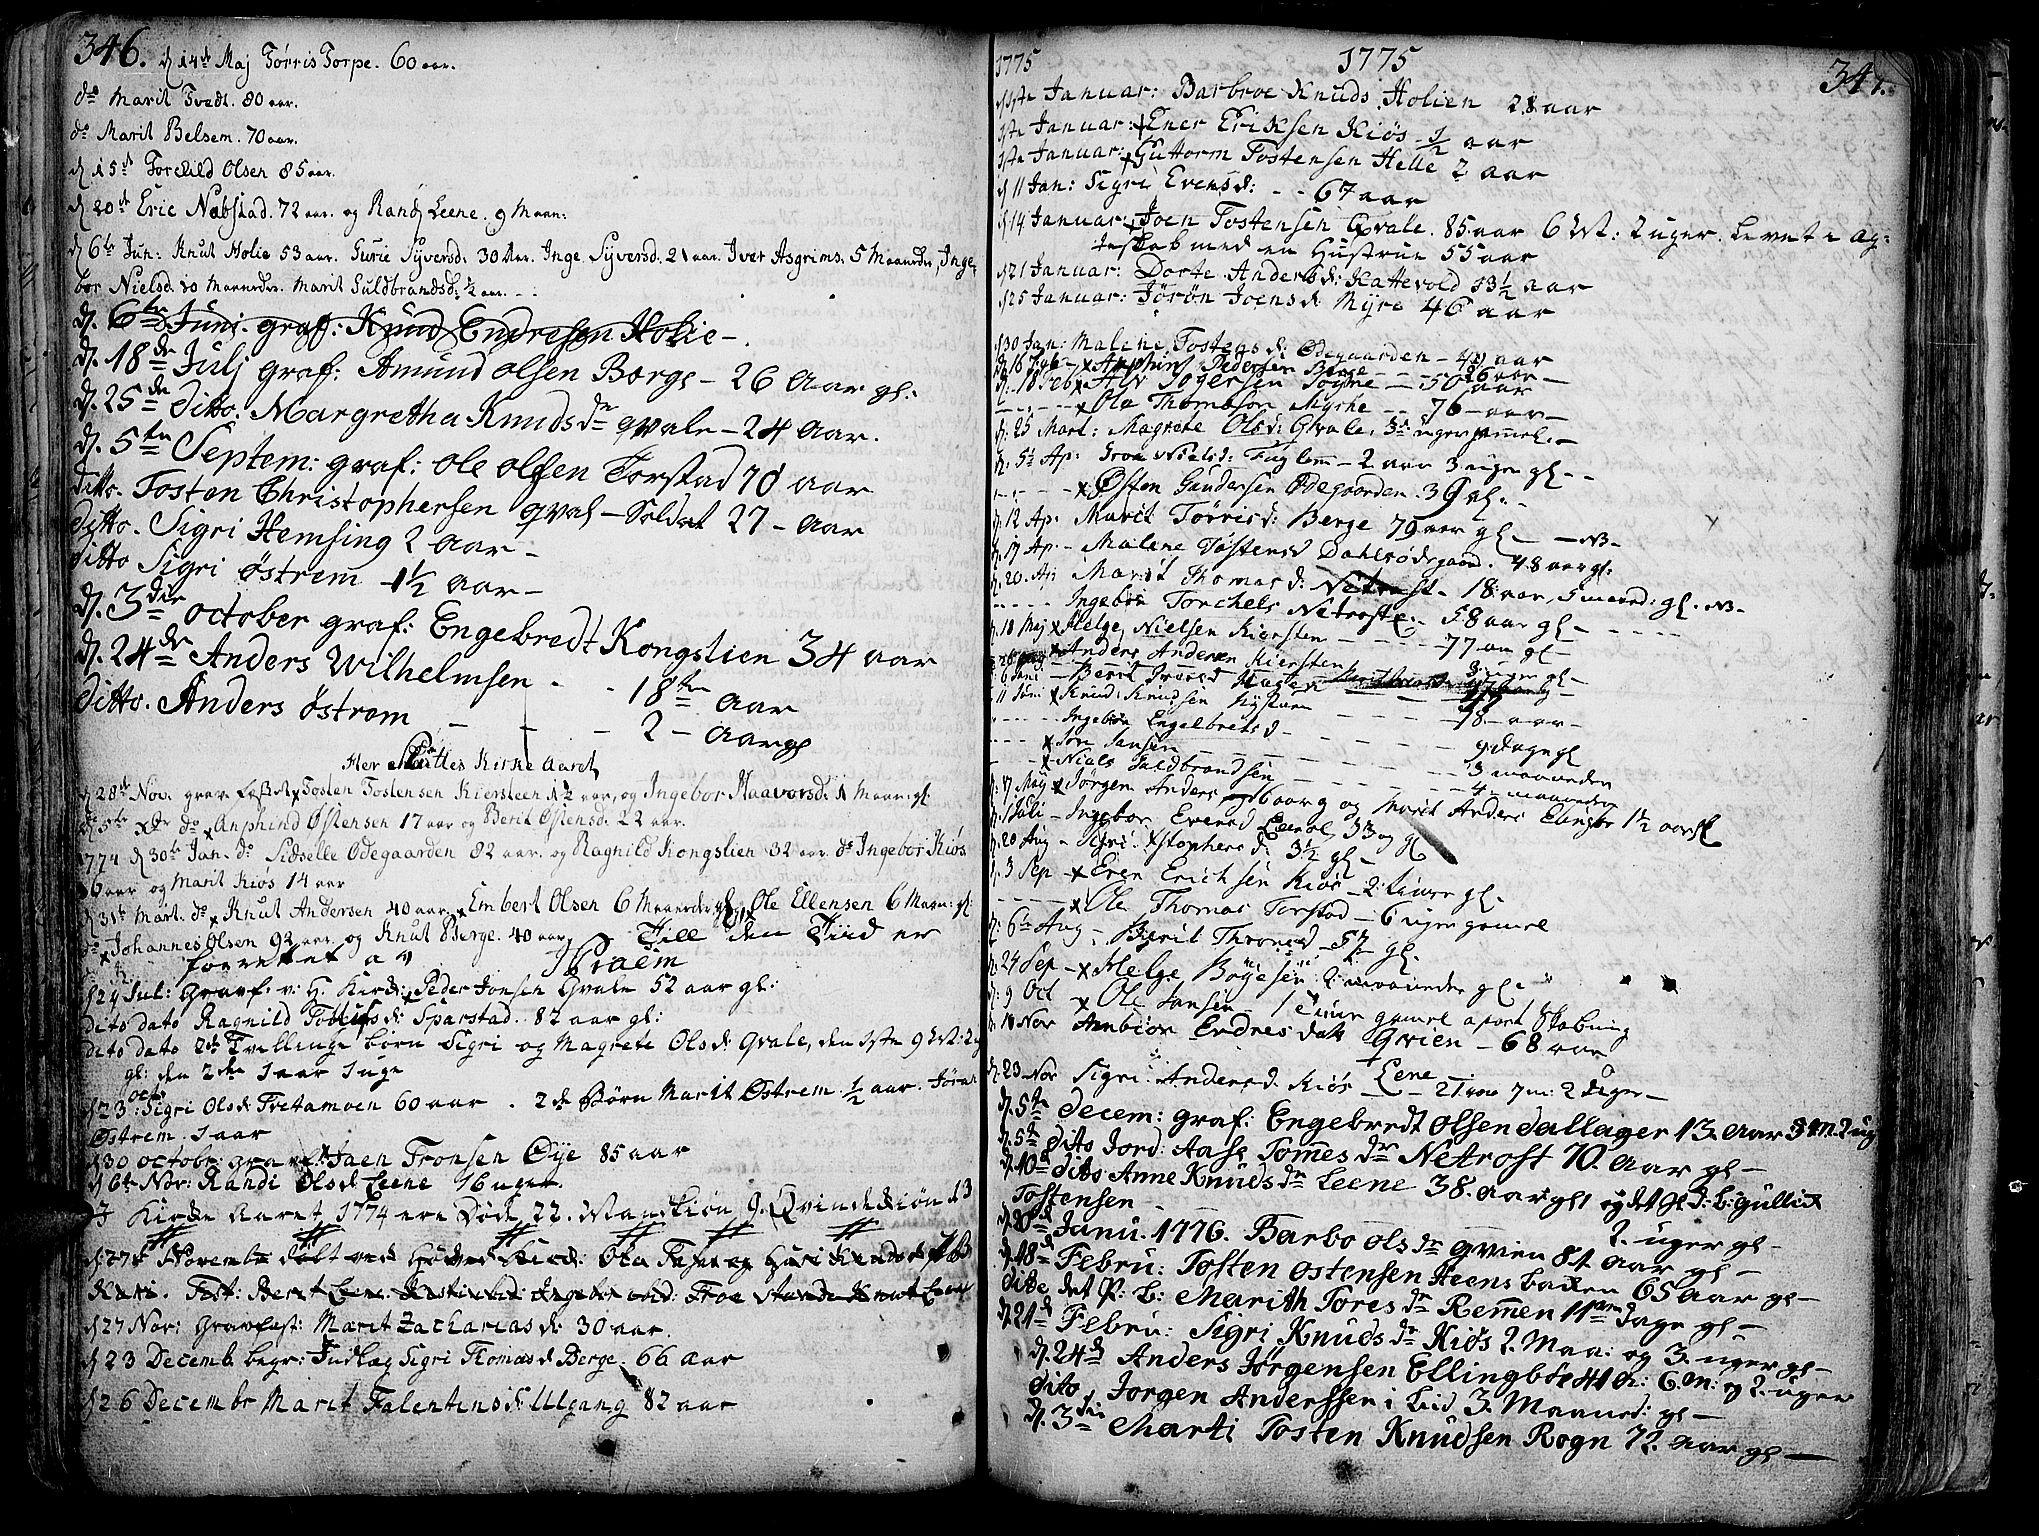 SAH, Vang prestekontor, Valdres, Ministerialbok nr. 1, 1730-1796, s. 346-347